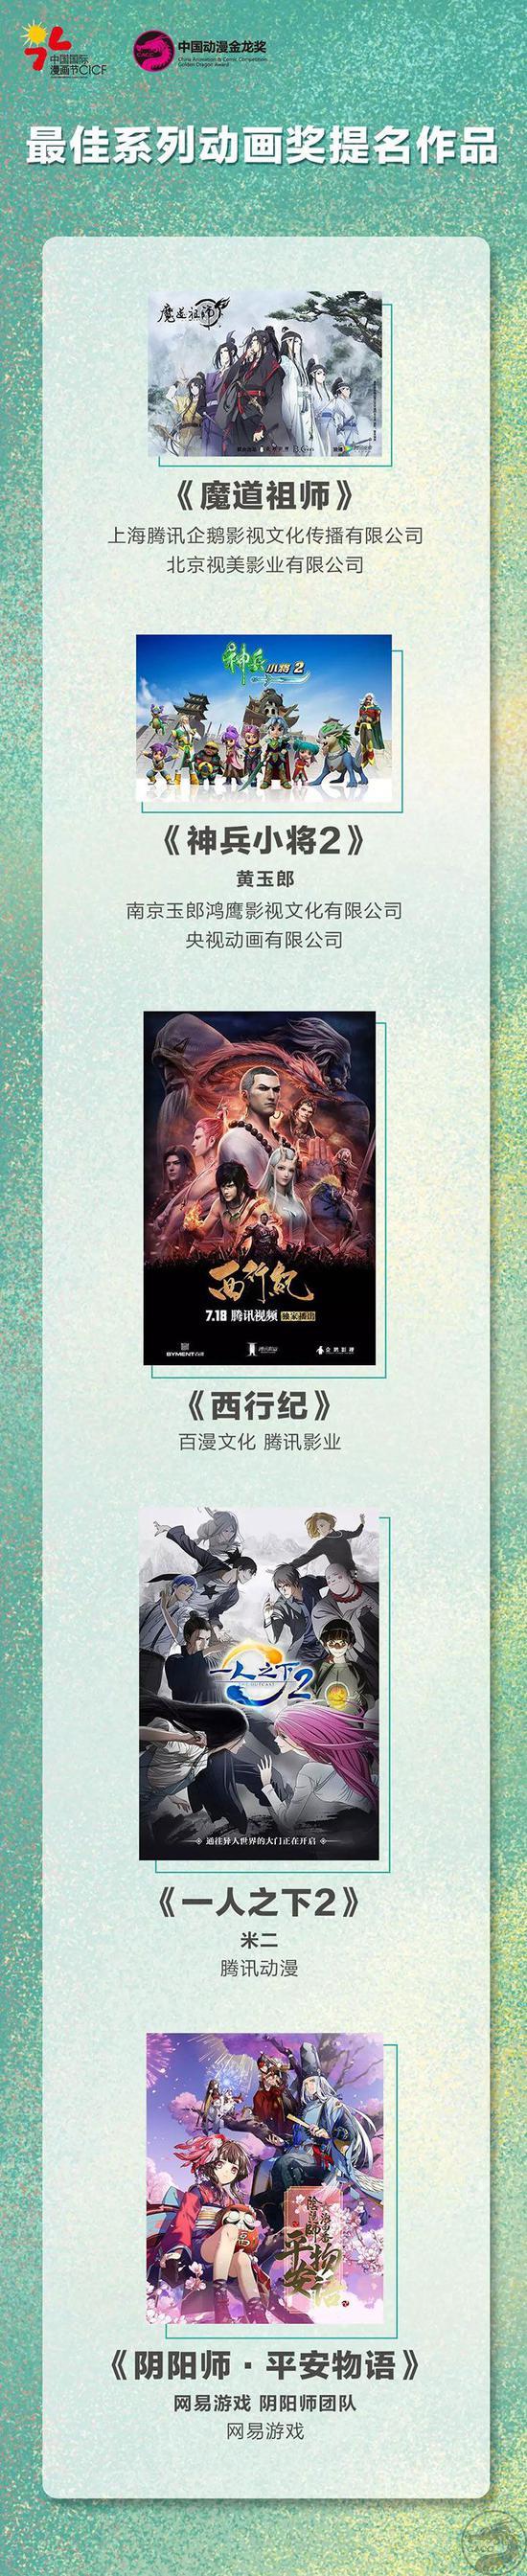 中国动漫金龙奖(CACC)最佳系列动画奖提名作品.jpg